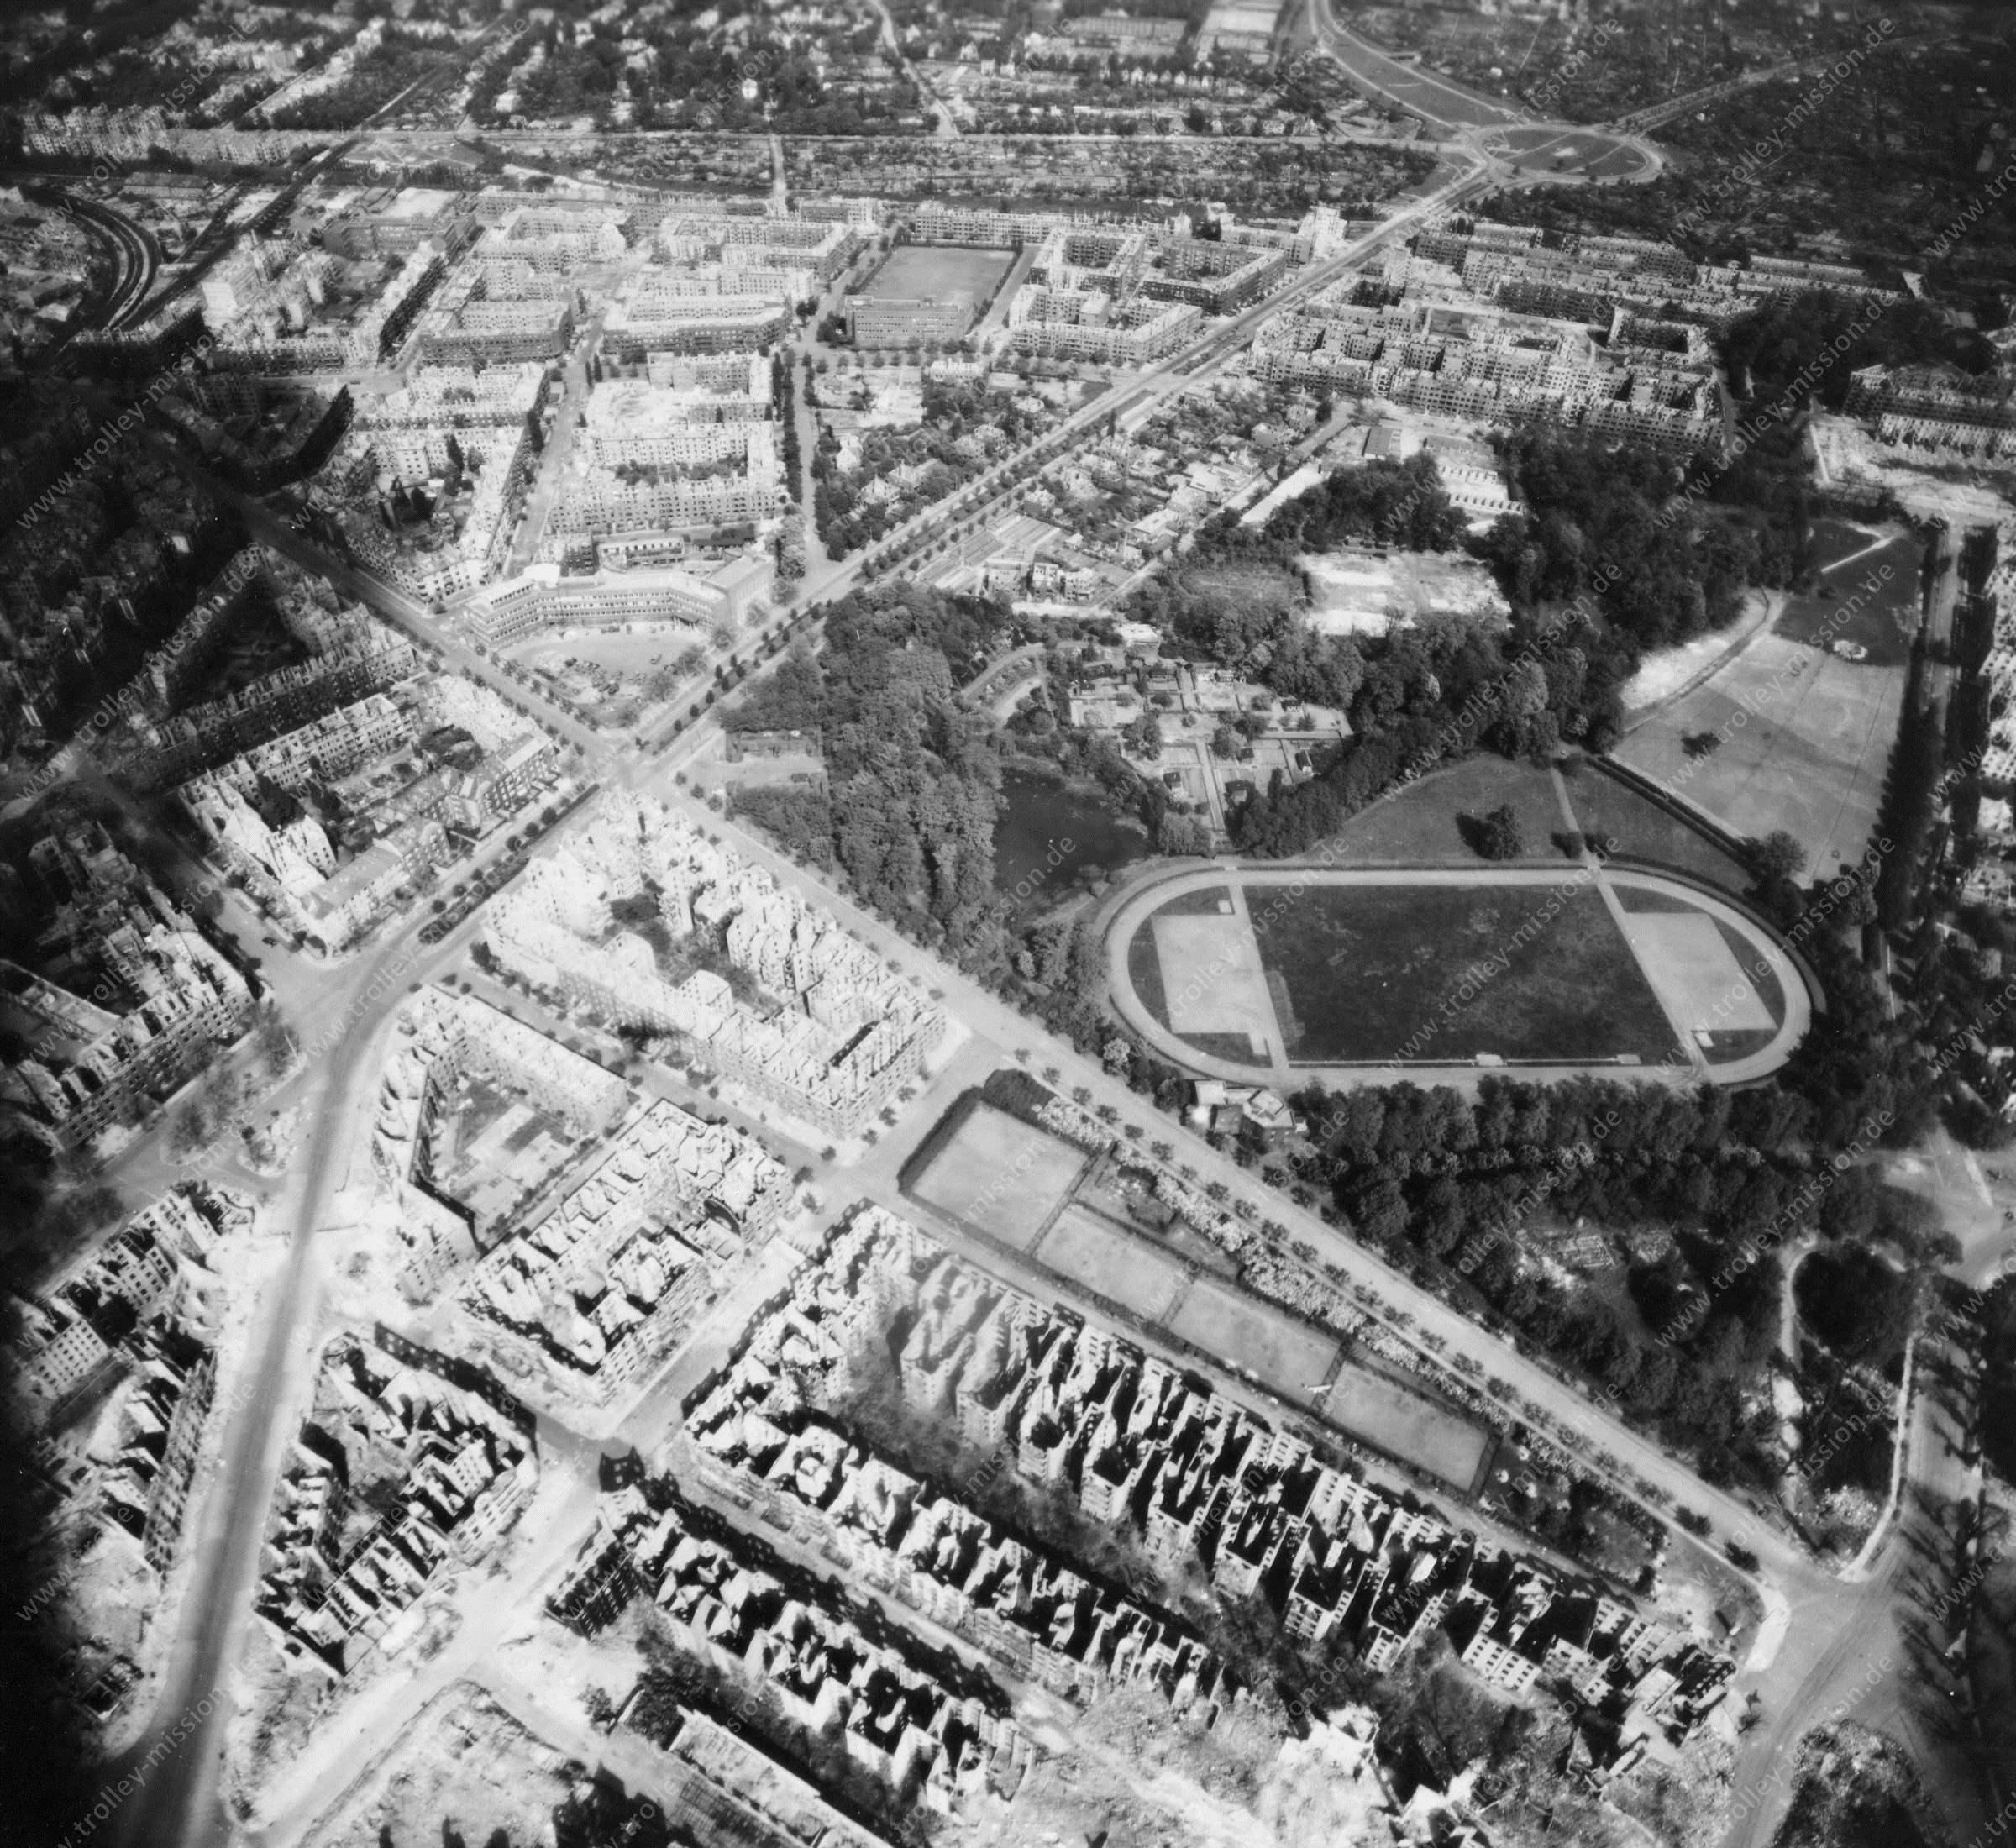 Luftbild von Hamburg und Hafen am 12. Mai 1945 - Luftbildserie 19/19 der US Air Force